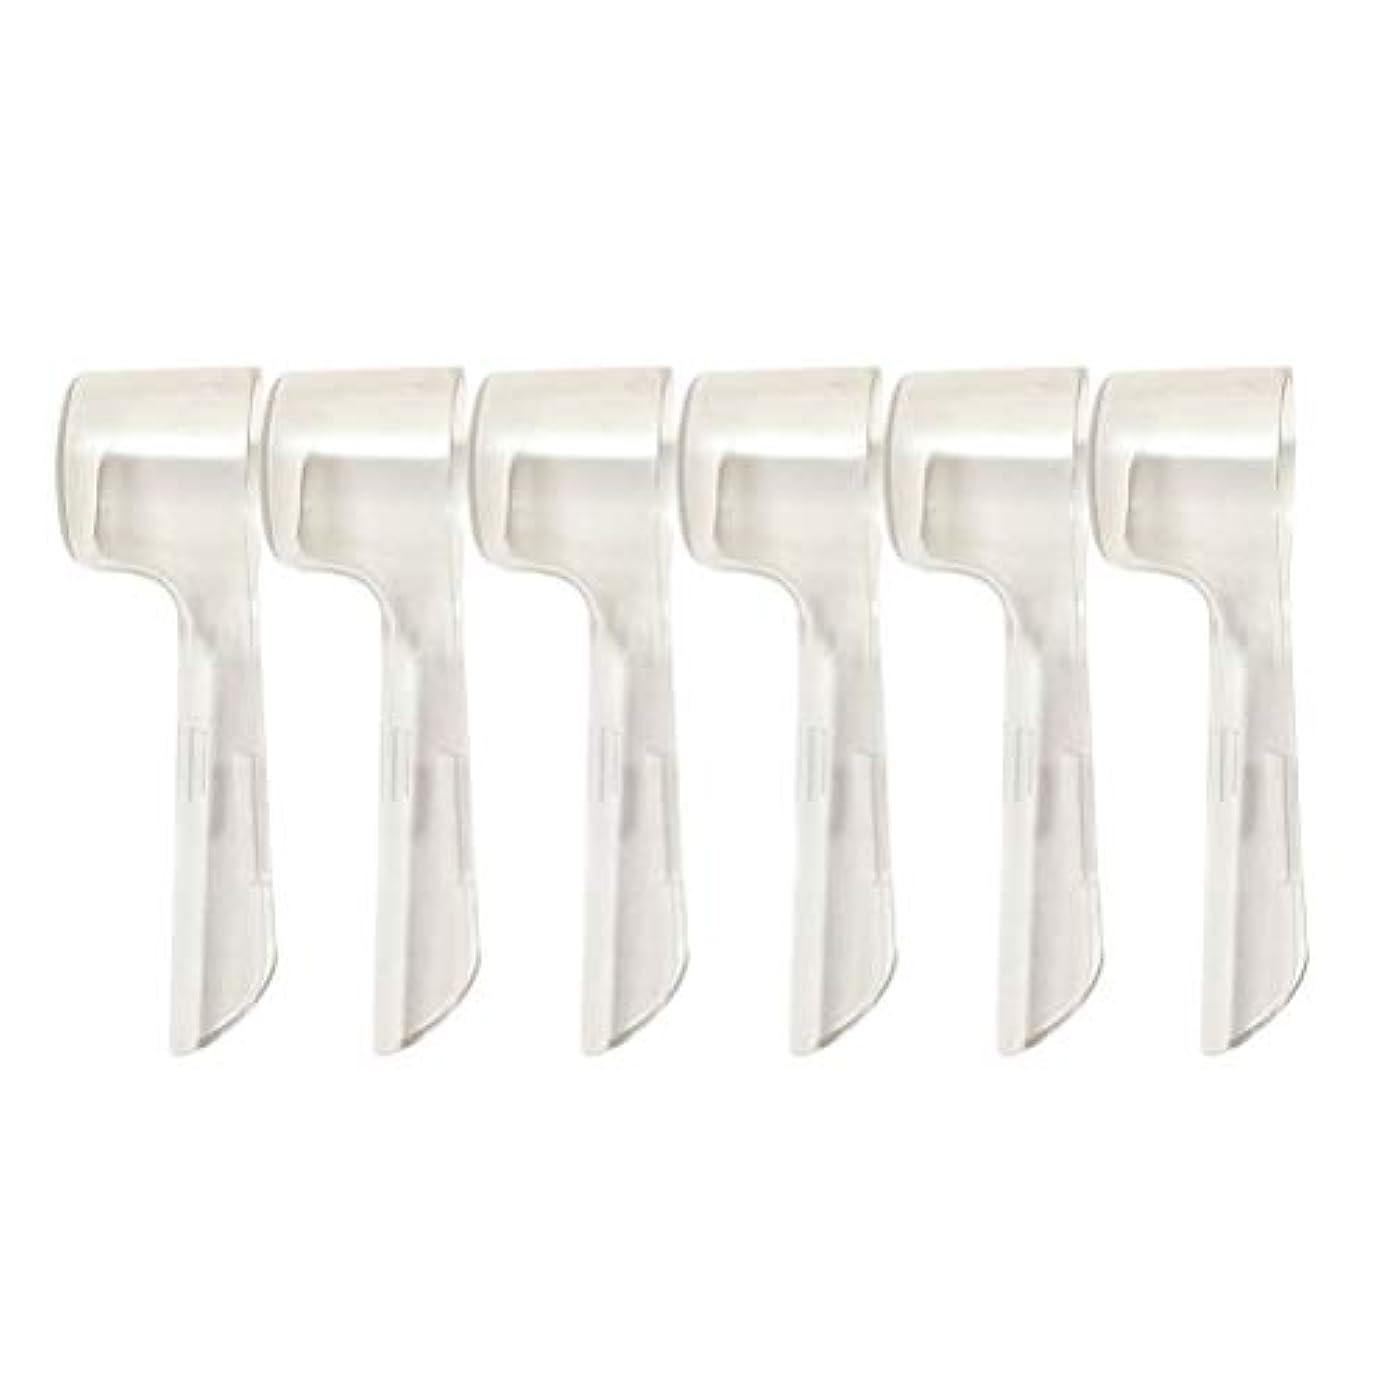 無限あたり荒れ地Healifty 電動歯ブラシヘッド 保護カバー 旅行 キャップ 日常の使用で細菌をほこりから守る 10ピース